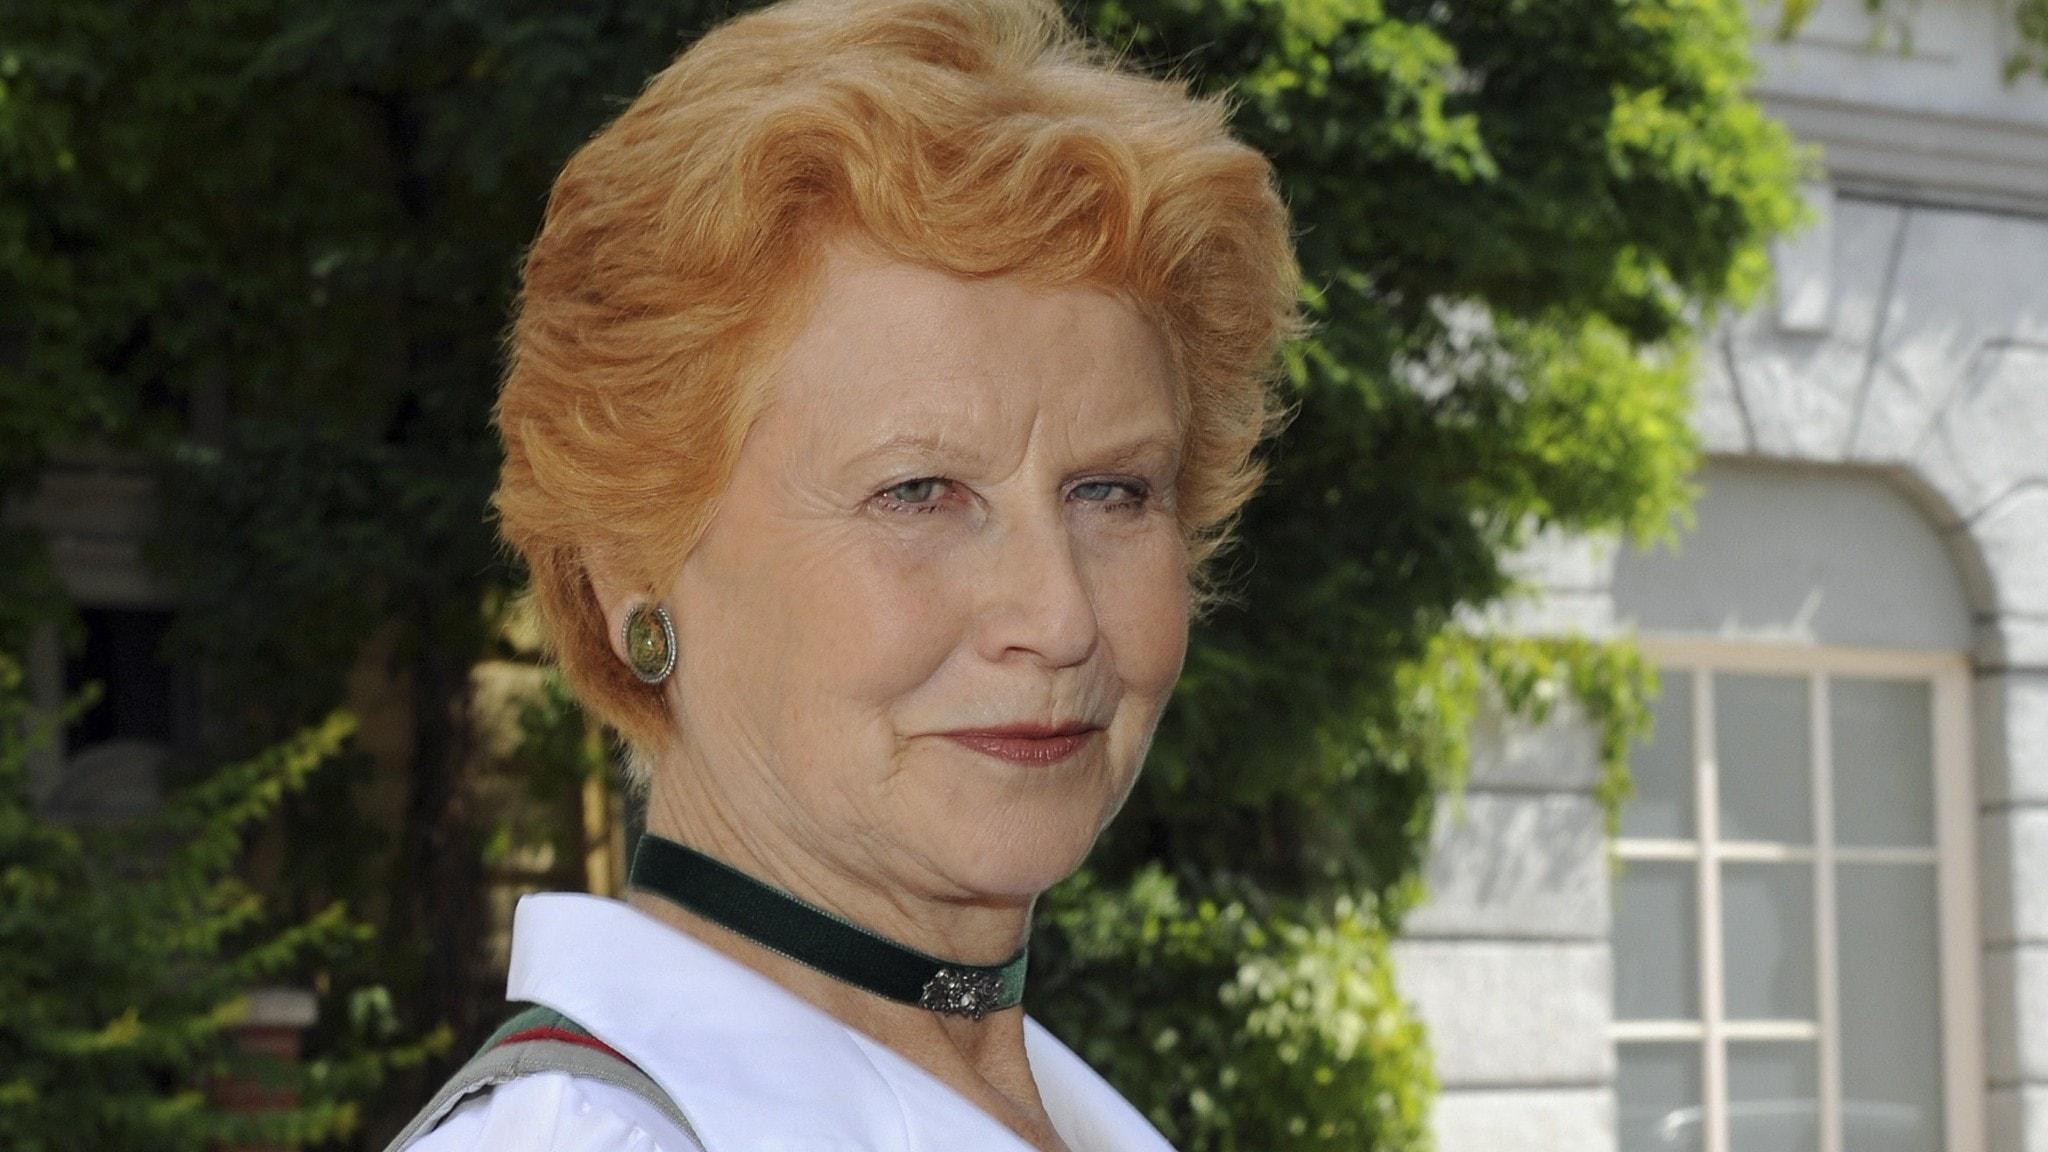 Ansiktet av en kvinna med kort rödblont hår.